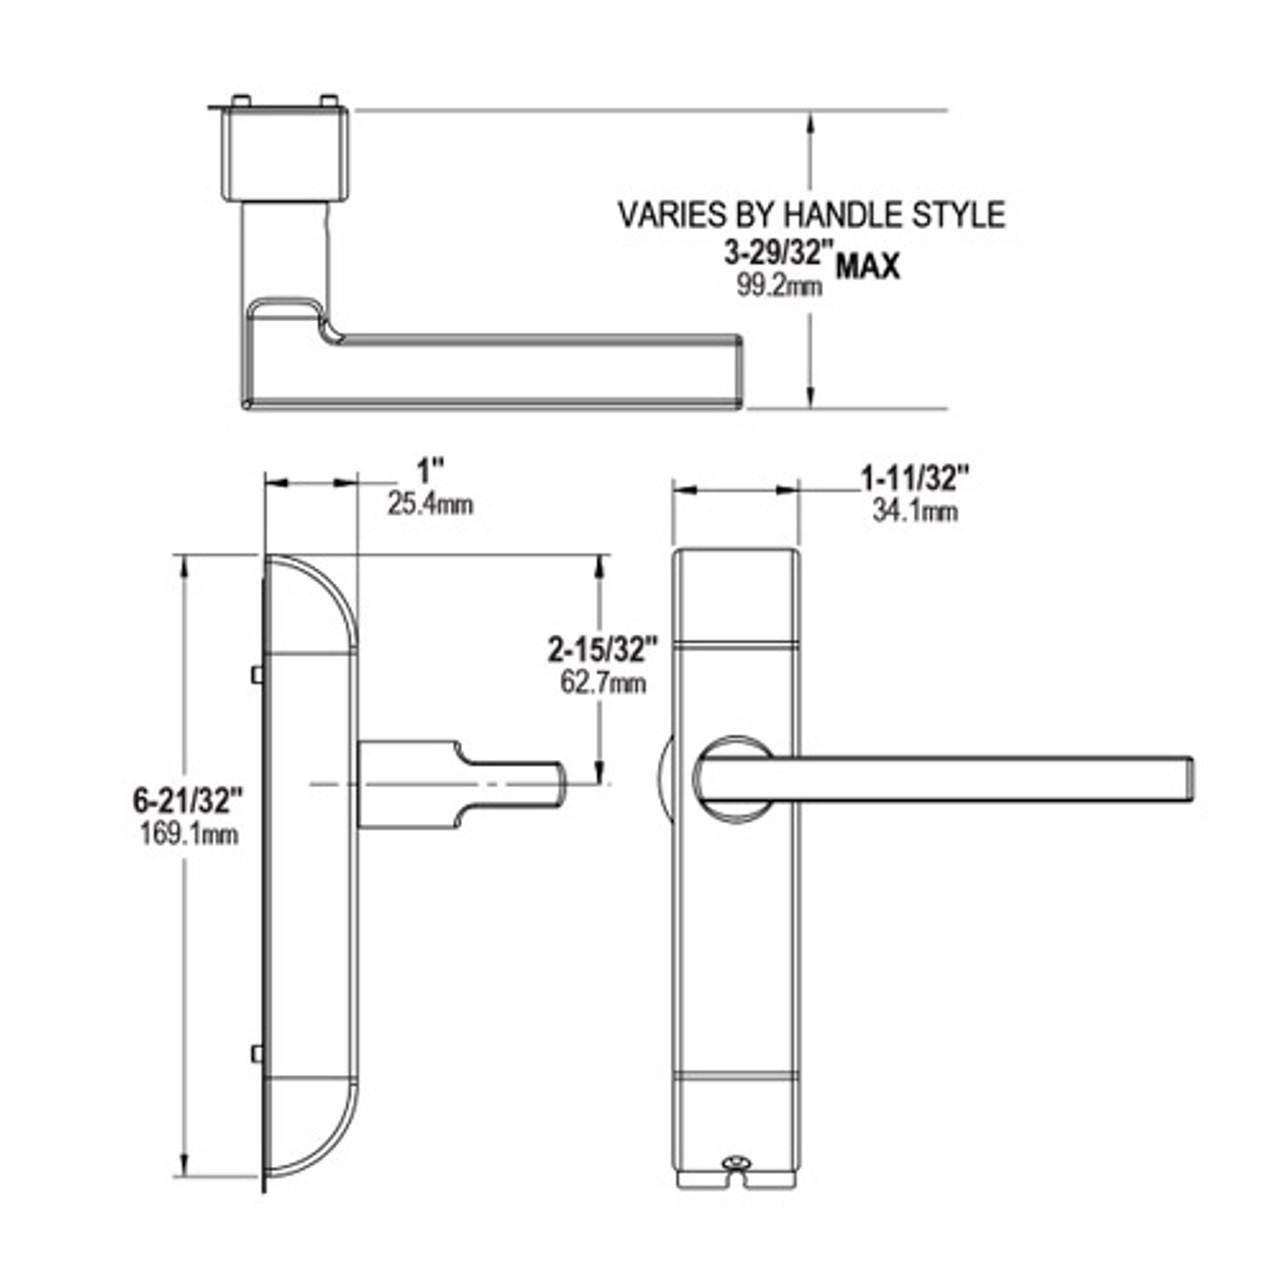 4600-MG-611-US3 Adams Rite MG Designer handle Dimensional View